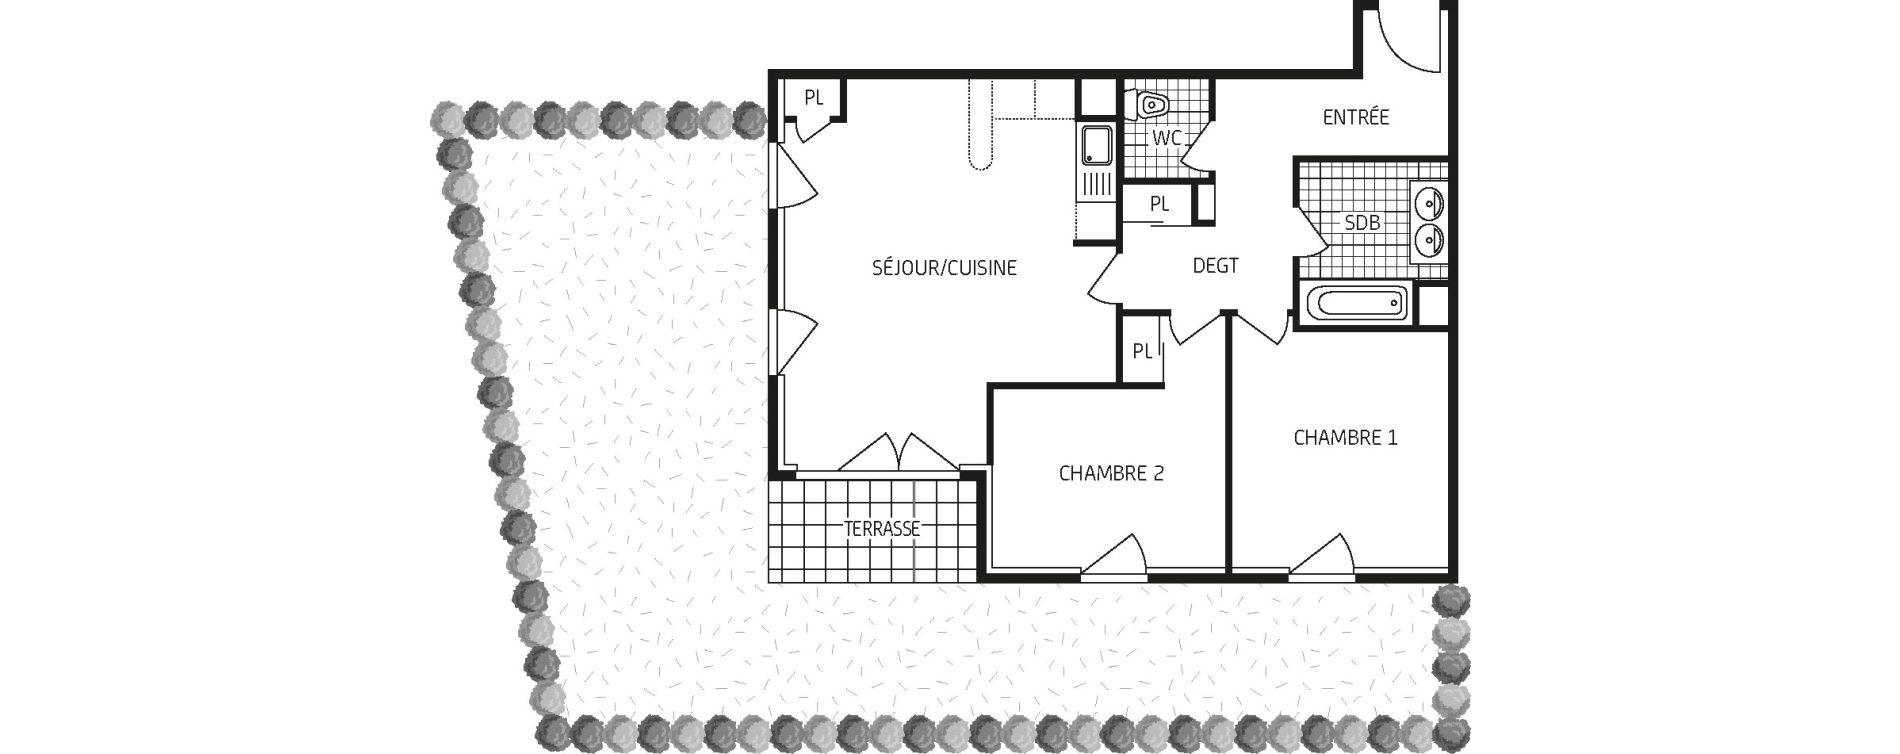 Appartement T3 de 66,30 m2 à Orléans Barrière st-marc - la fontaine